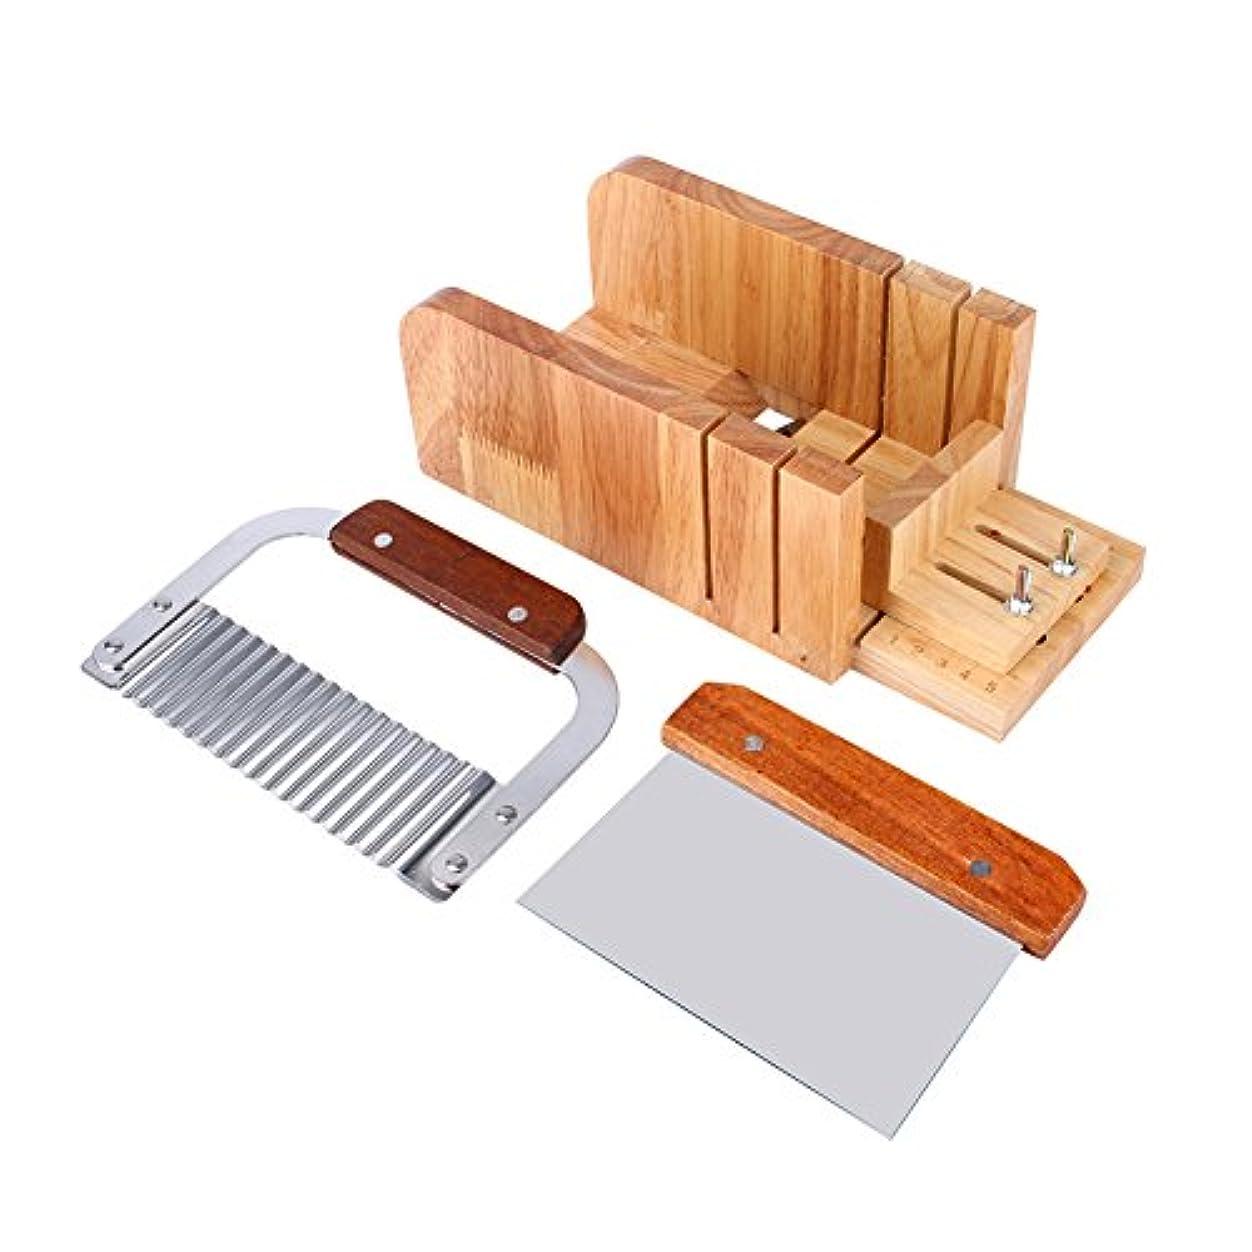 テーマ無限静脈3点セット ソープカッター 石けん金型ソープロープ カッター 木製 カッター ツールDIY 手作り 木製ボックス松木製 ストレートソープ包丁 ナイフ モールドソープ調整可能レトロ